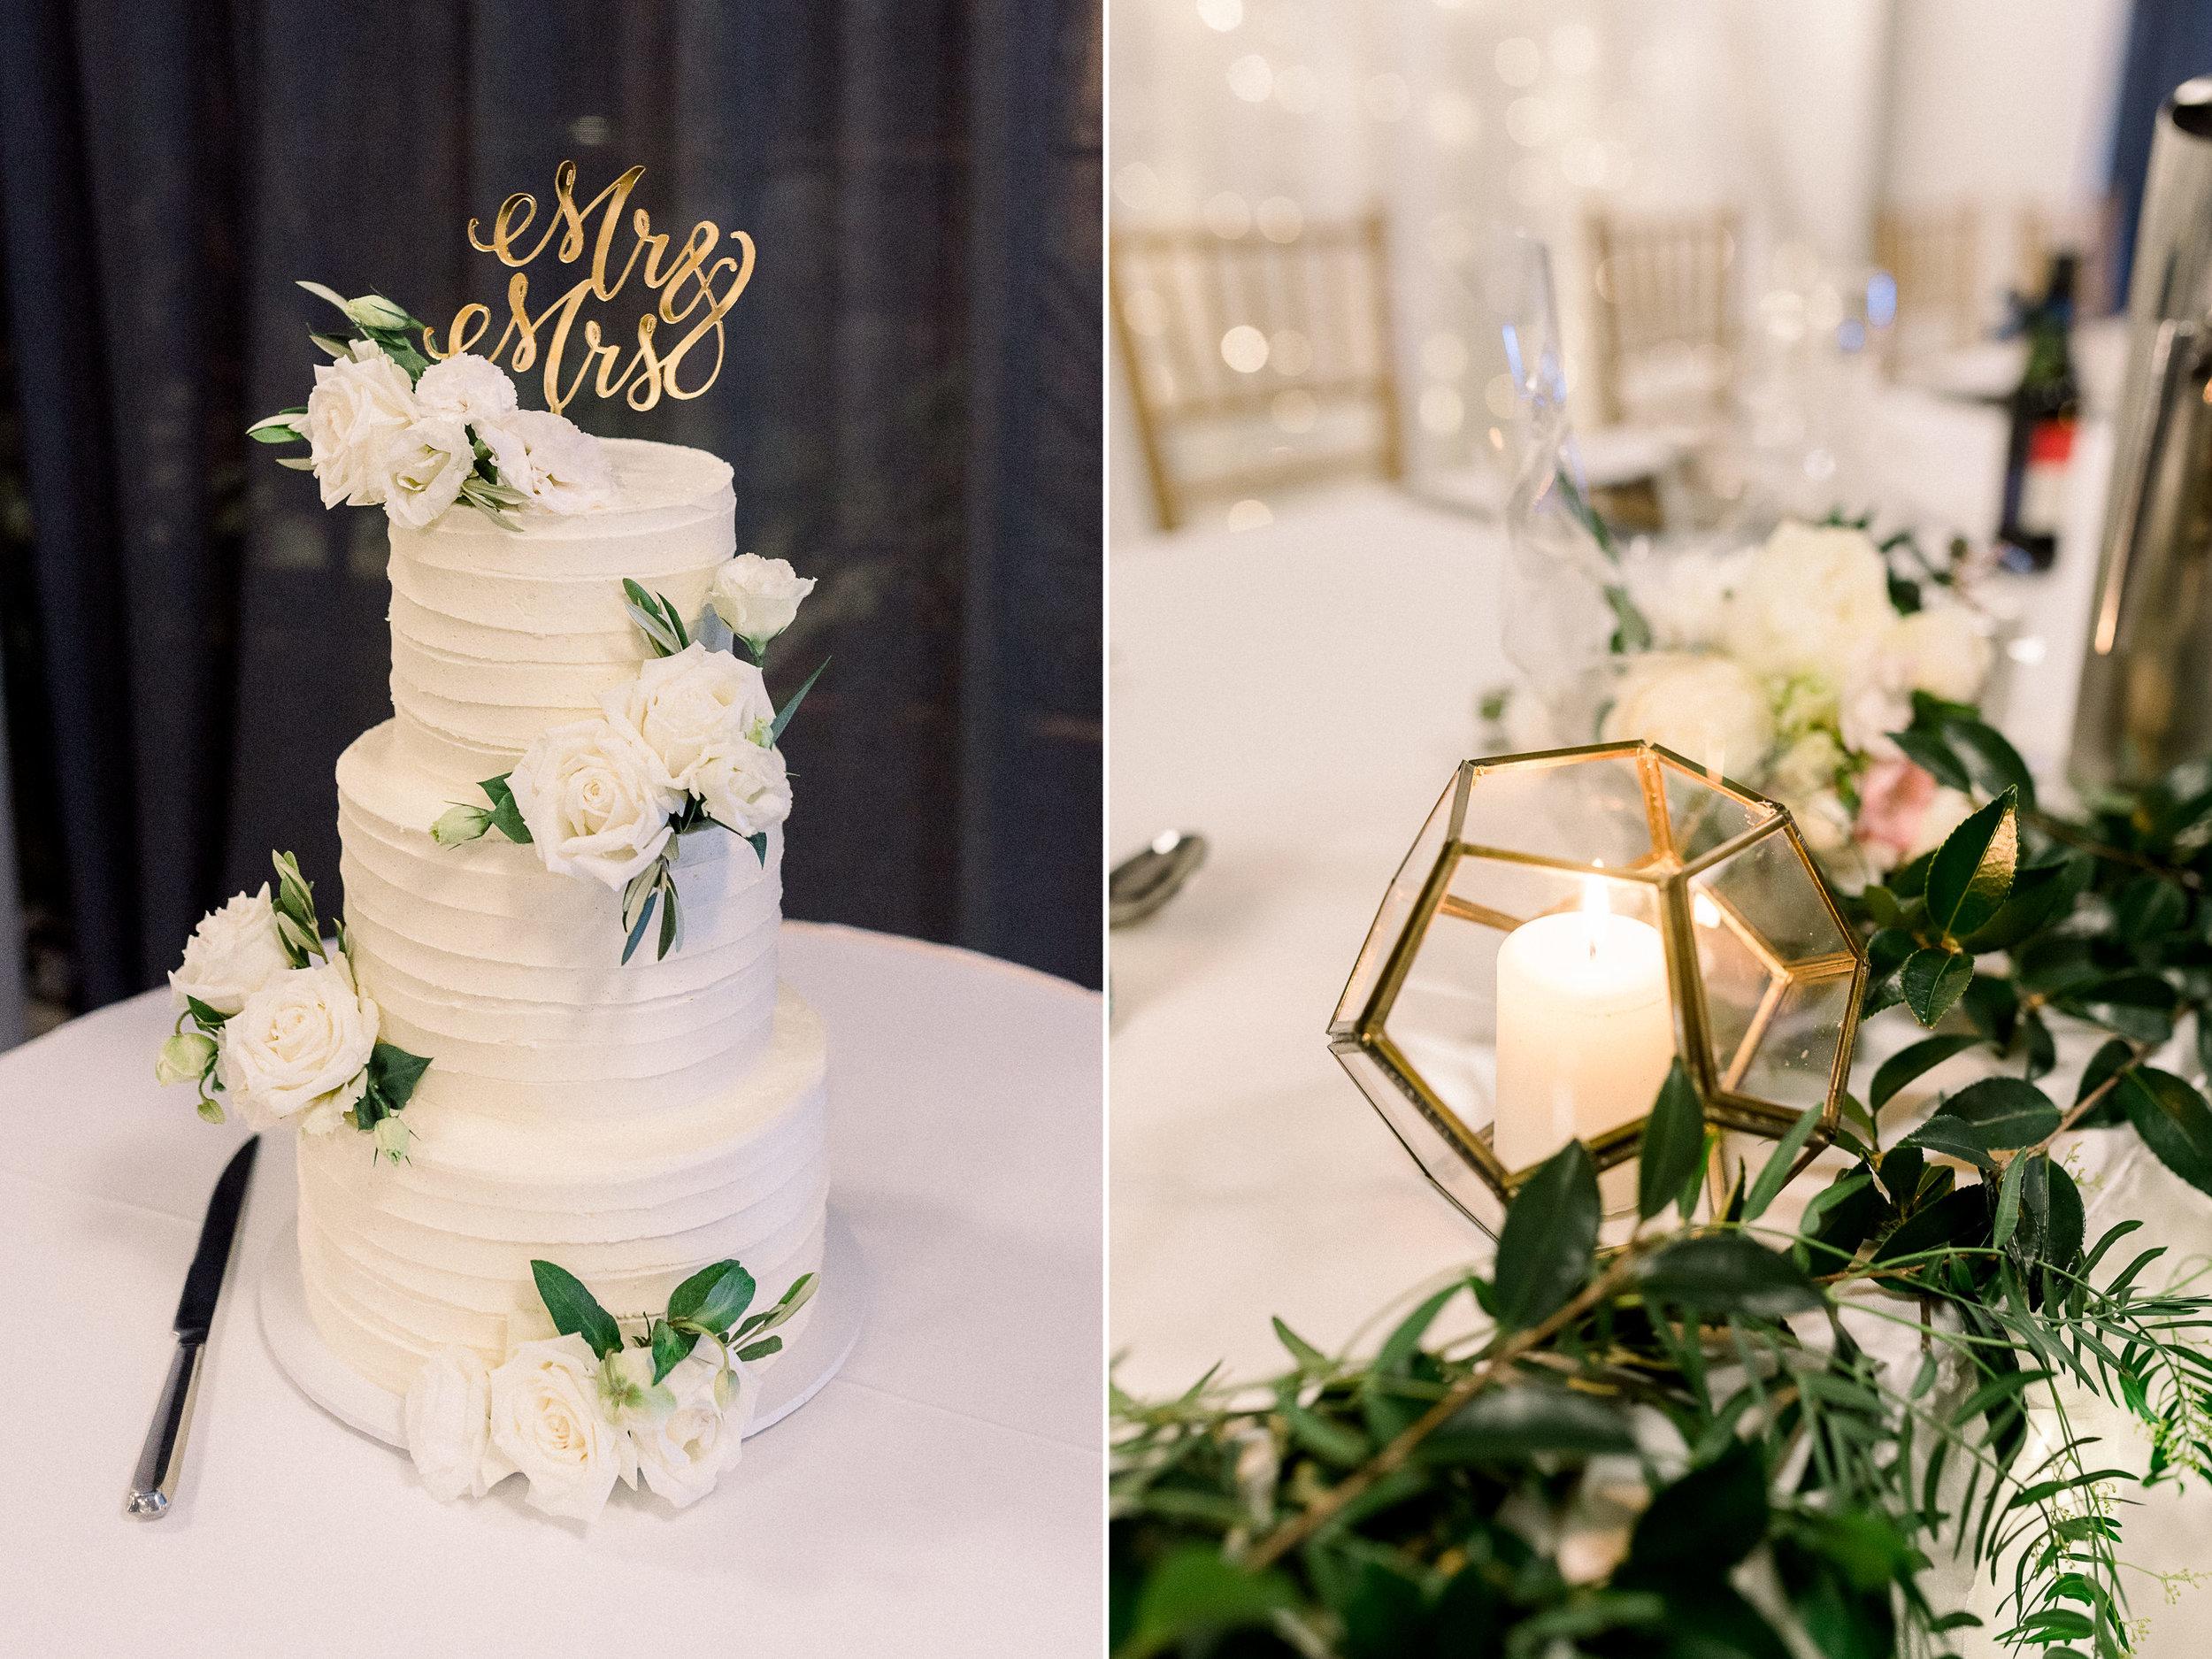 brisbane-city-wedding-eatons-hill-hotel-wedding-12.jpg